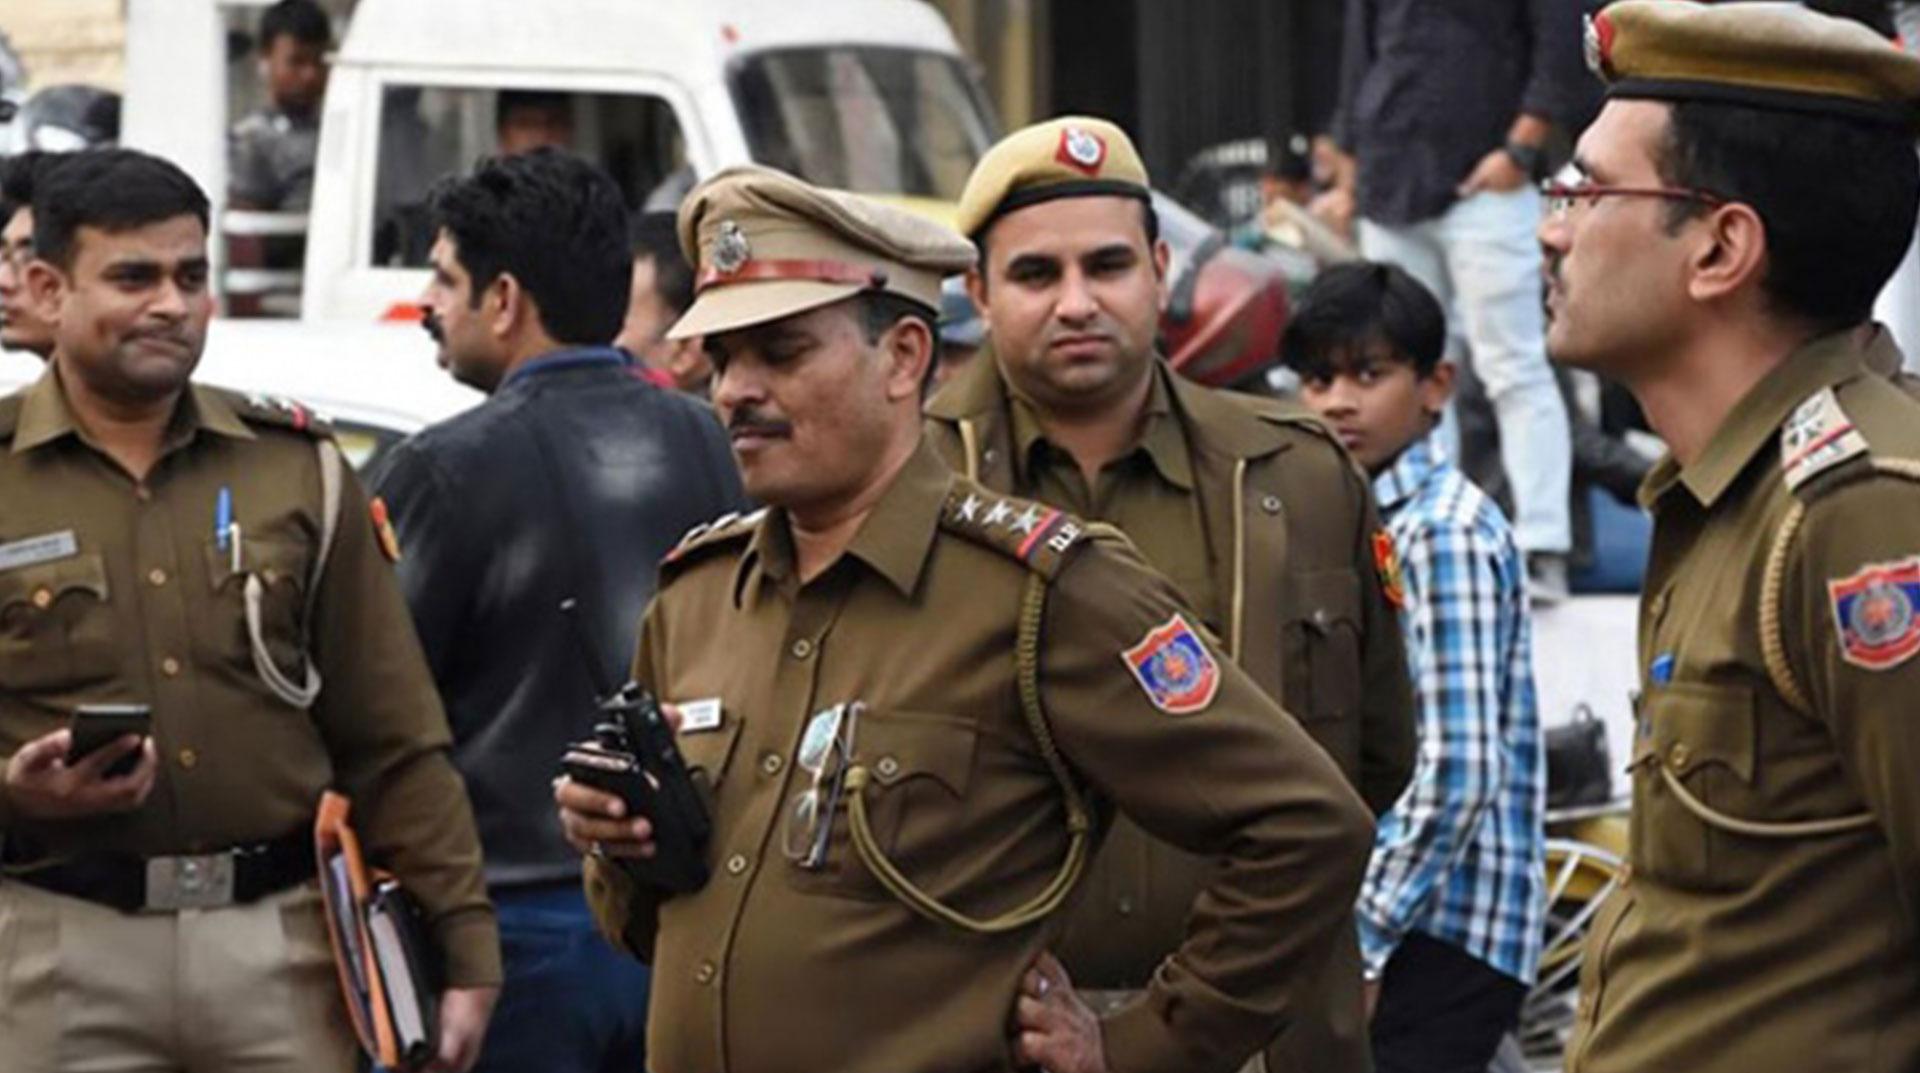 Hindistanda Cami Gaspına Tepki Gösterenler Gözaltına Alınıyor